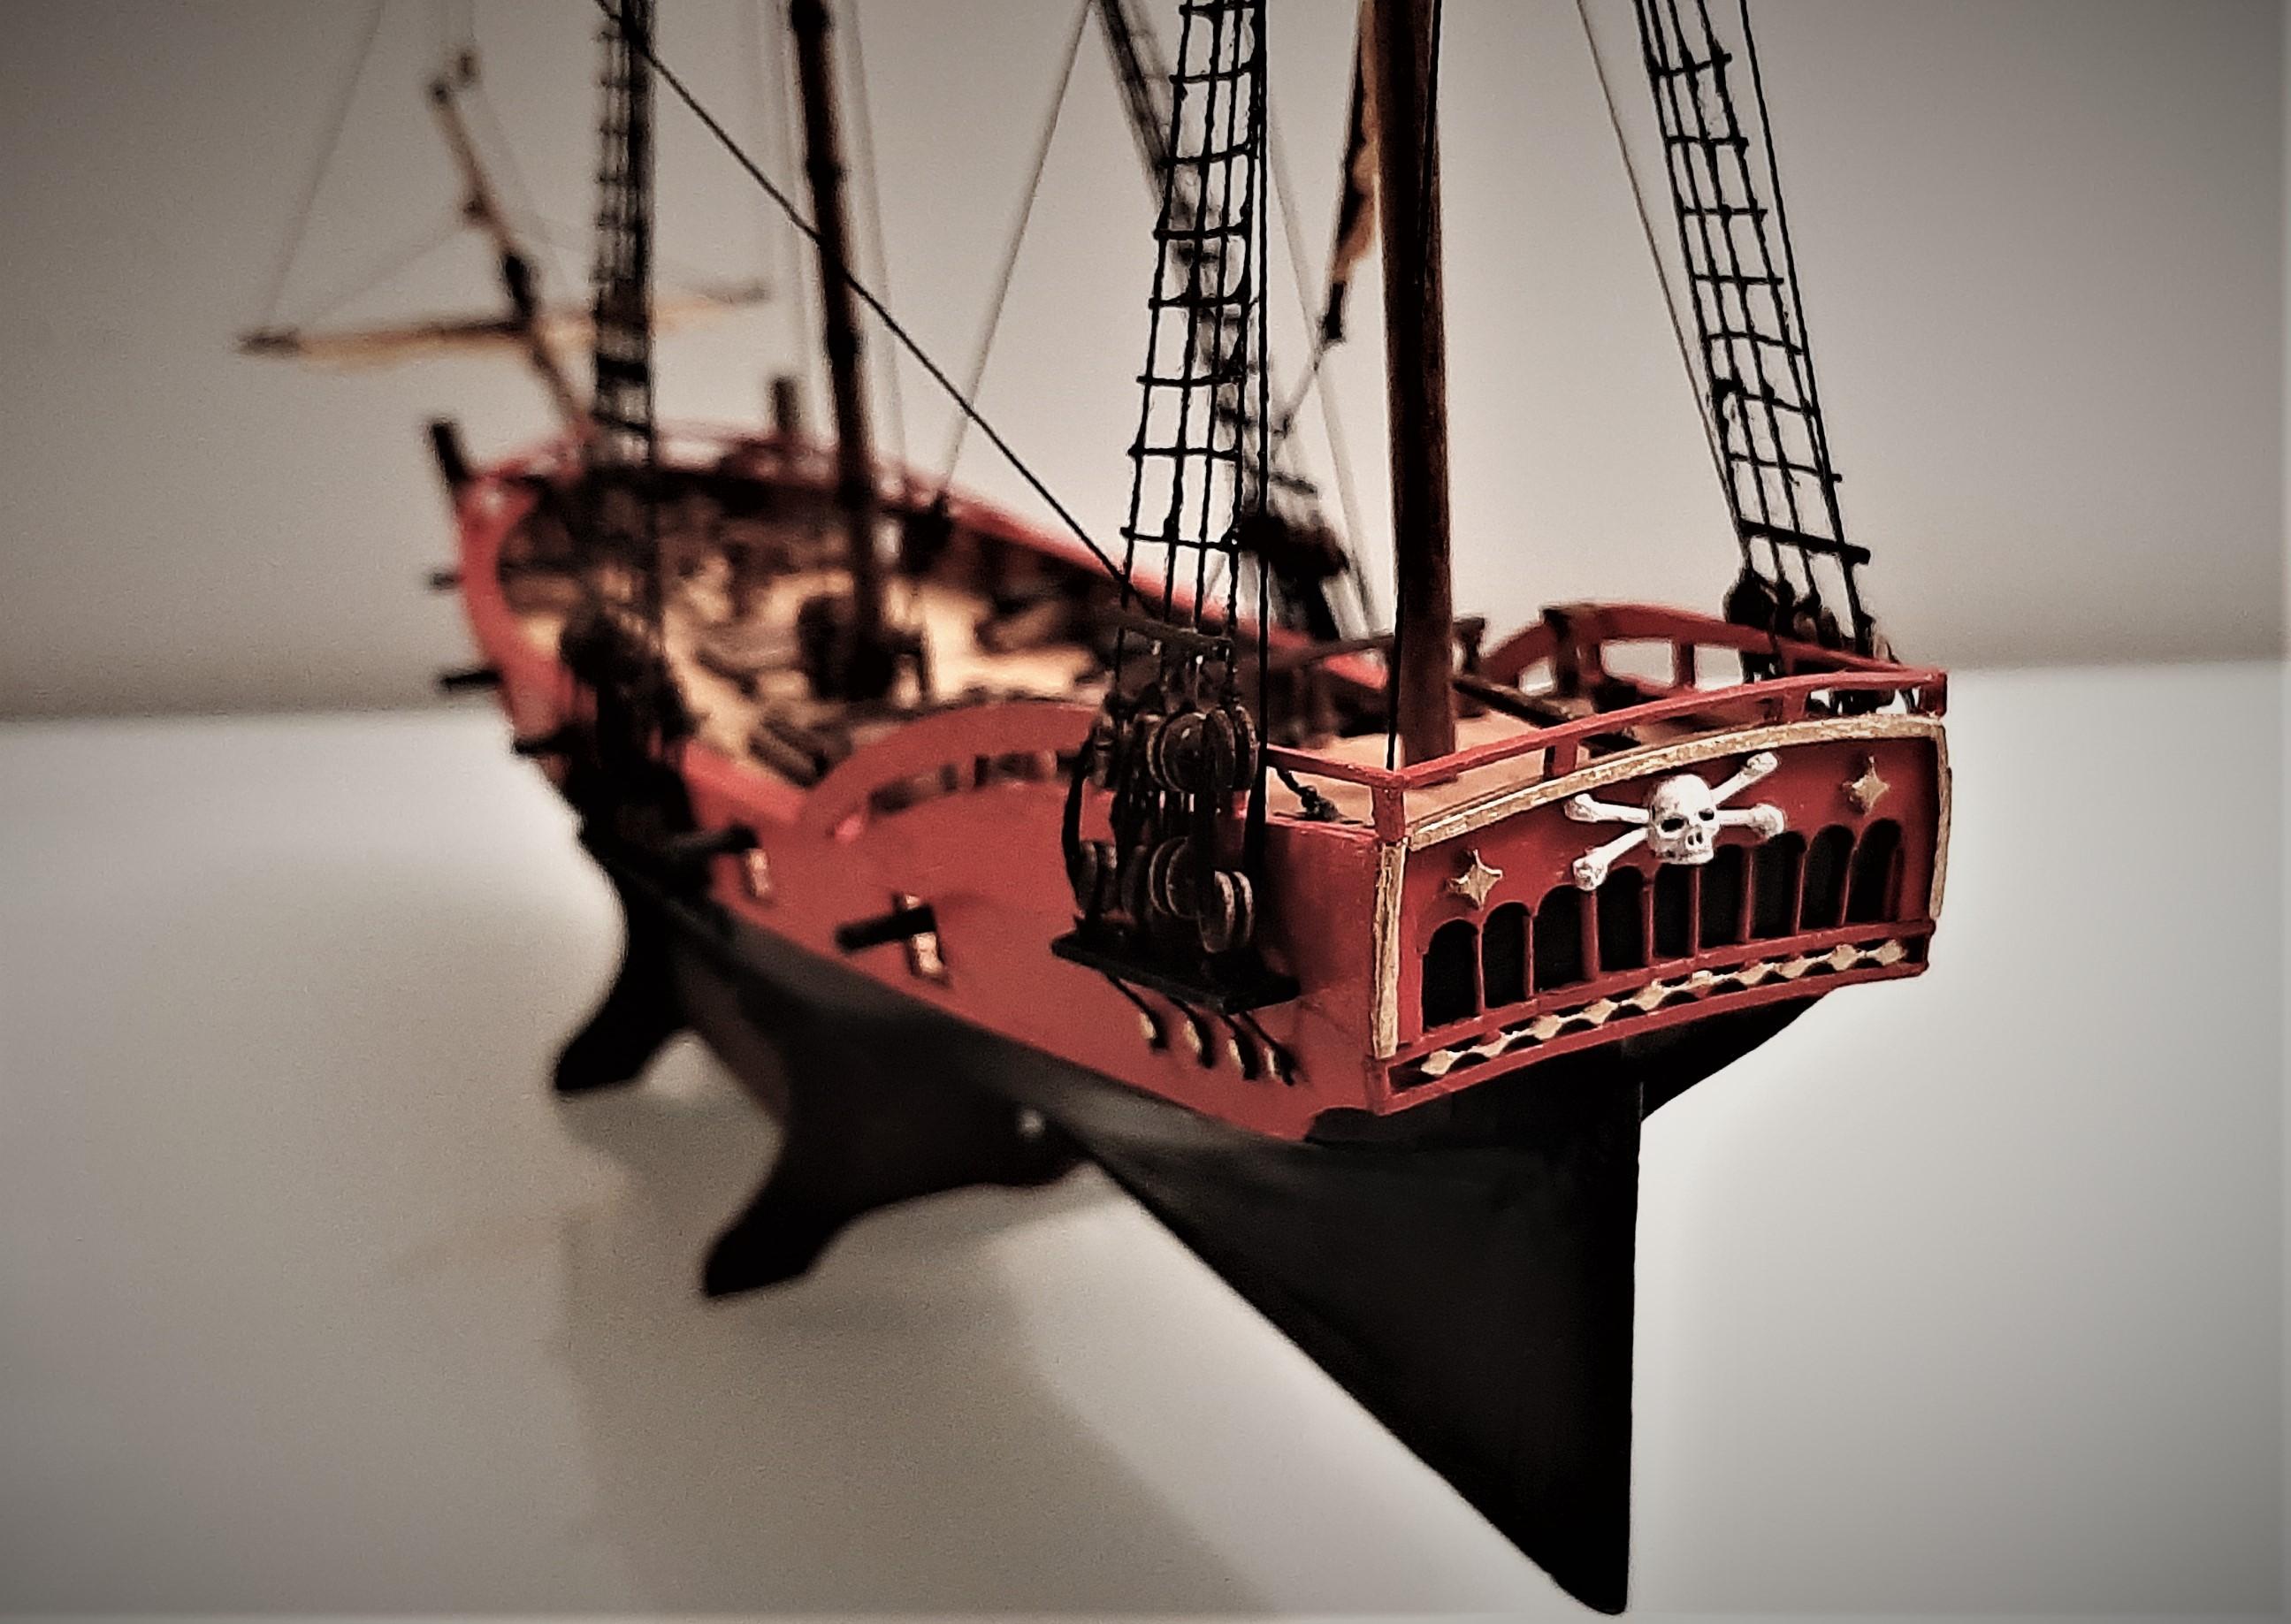 Galiote du pirate Rackham Le Rouge 1/100 (Tintin - le secret de la licorne) 5GkKC